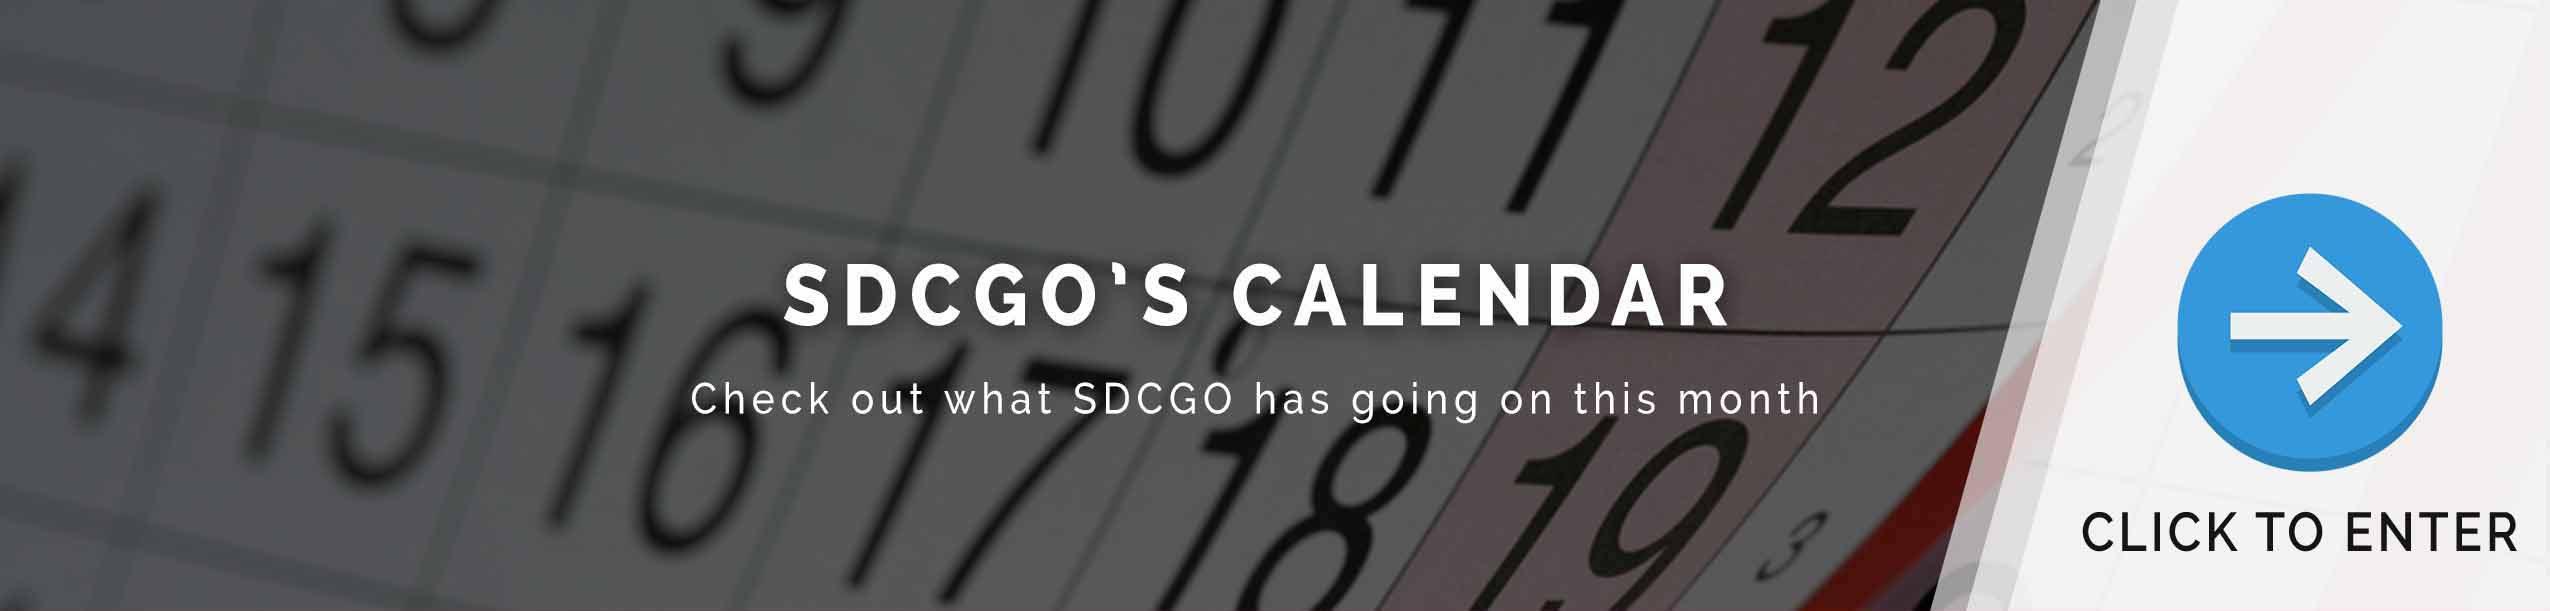 SDCGO Calendar